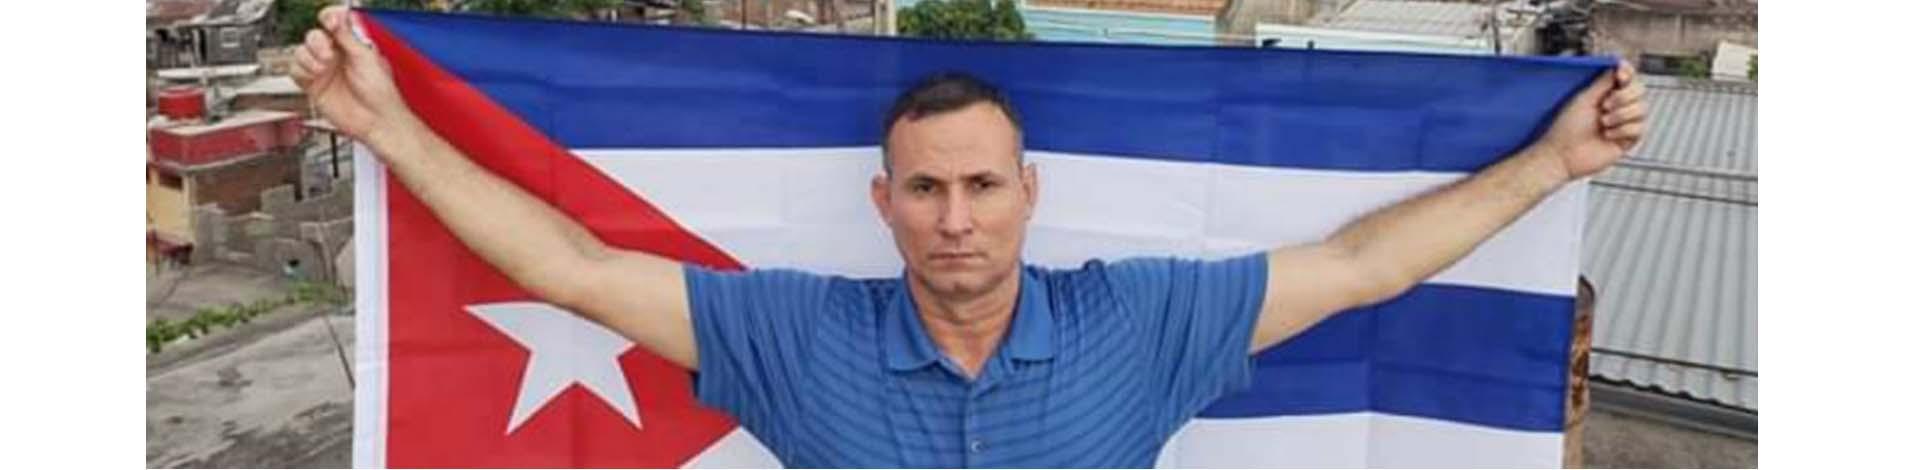 Seit über einer Woche demonstriert der kubanische Oppositionsführer José Daniel Ferrer mit einem Hungerstreik gegen seine willkürliche Inhaftierung. Ferrer hat die Hälfte seines Gewichts verloren und befindet sich in akuter Lebensgefahr, berichtet die Internationale Gesellschaft für Menschenrechte (IGFM).